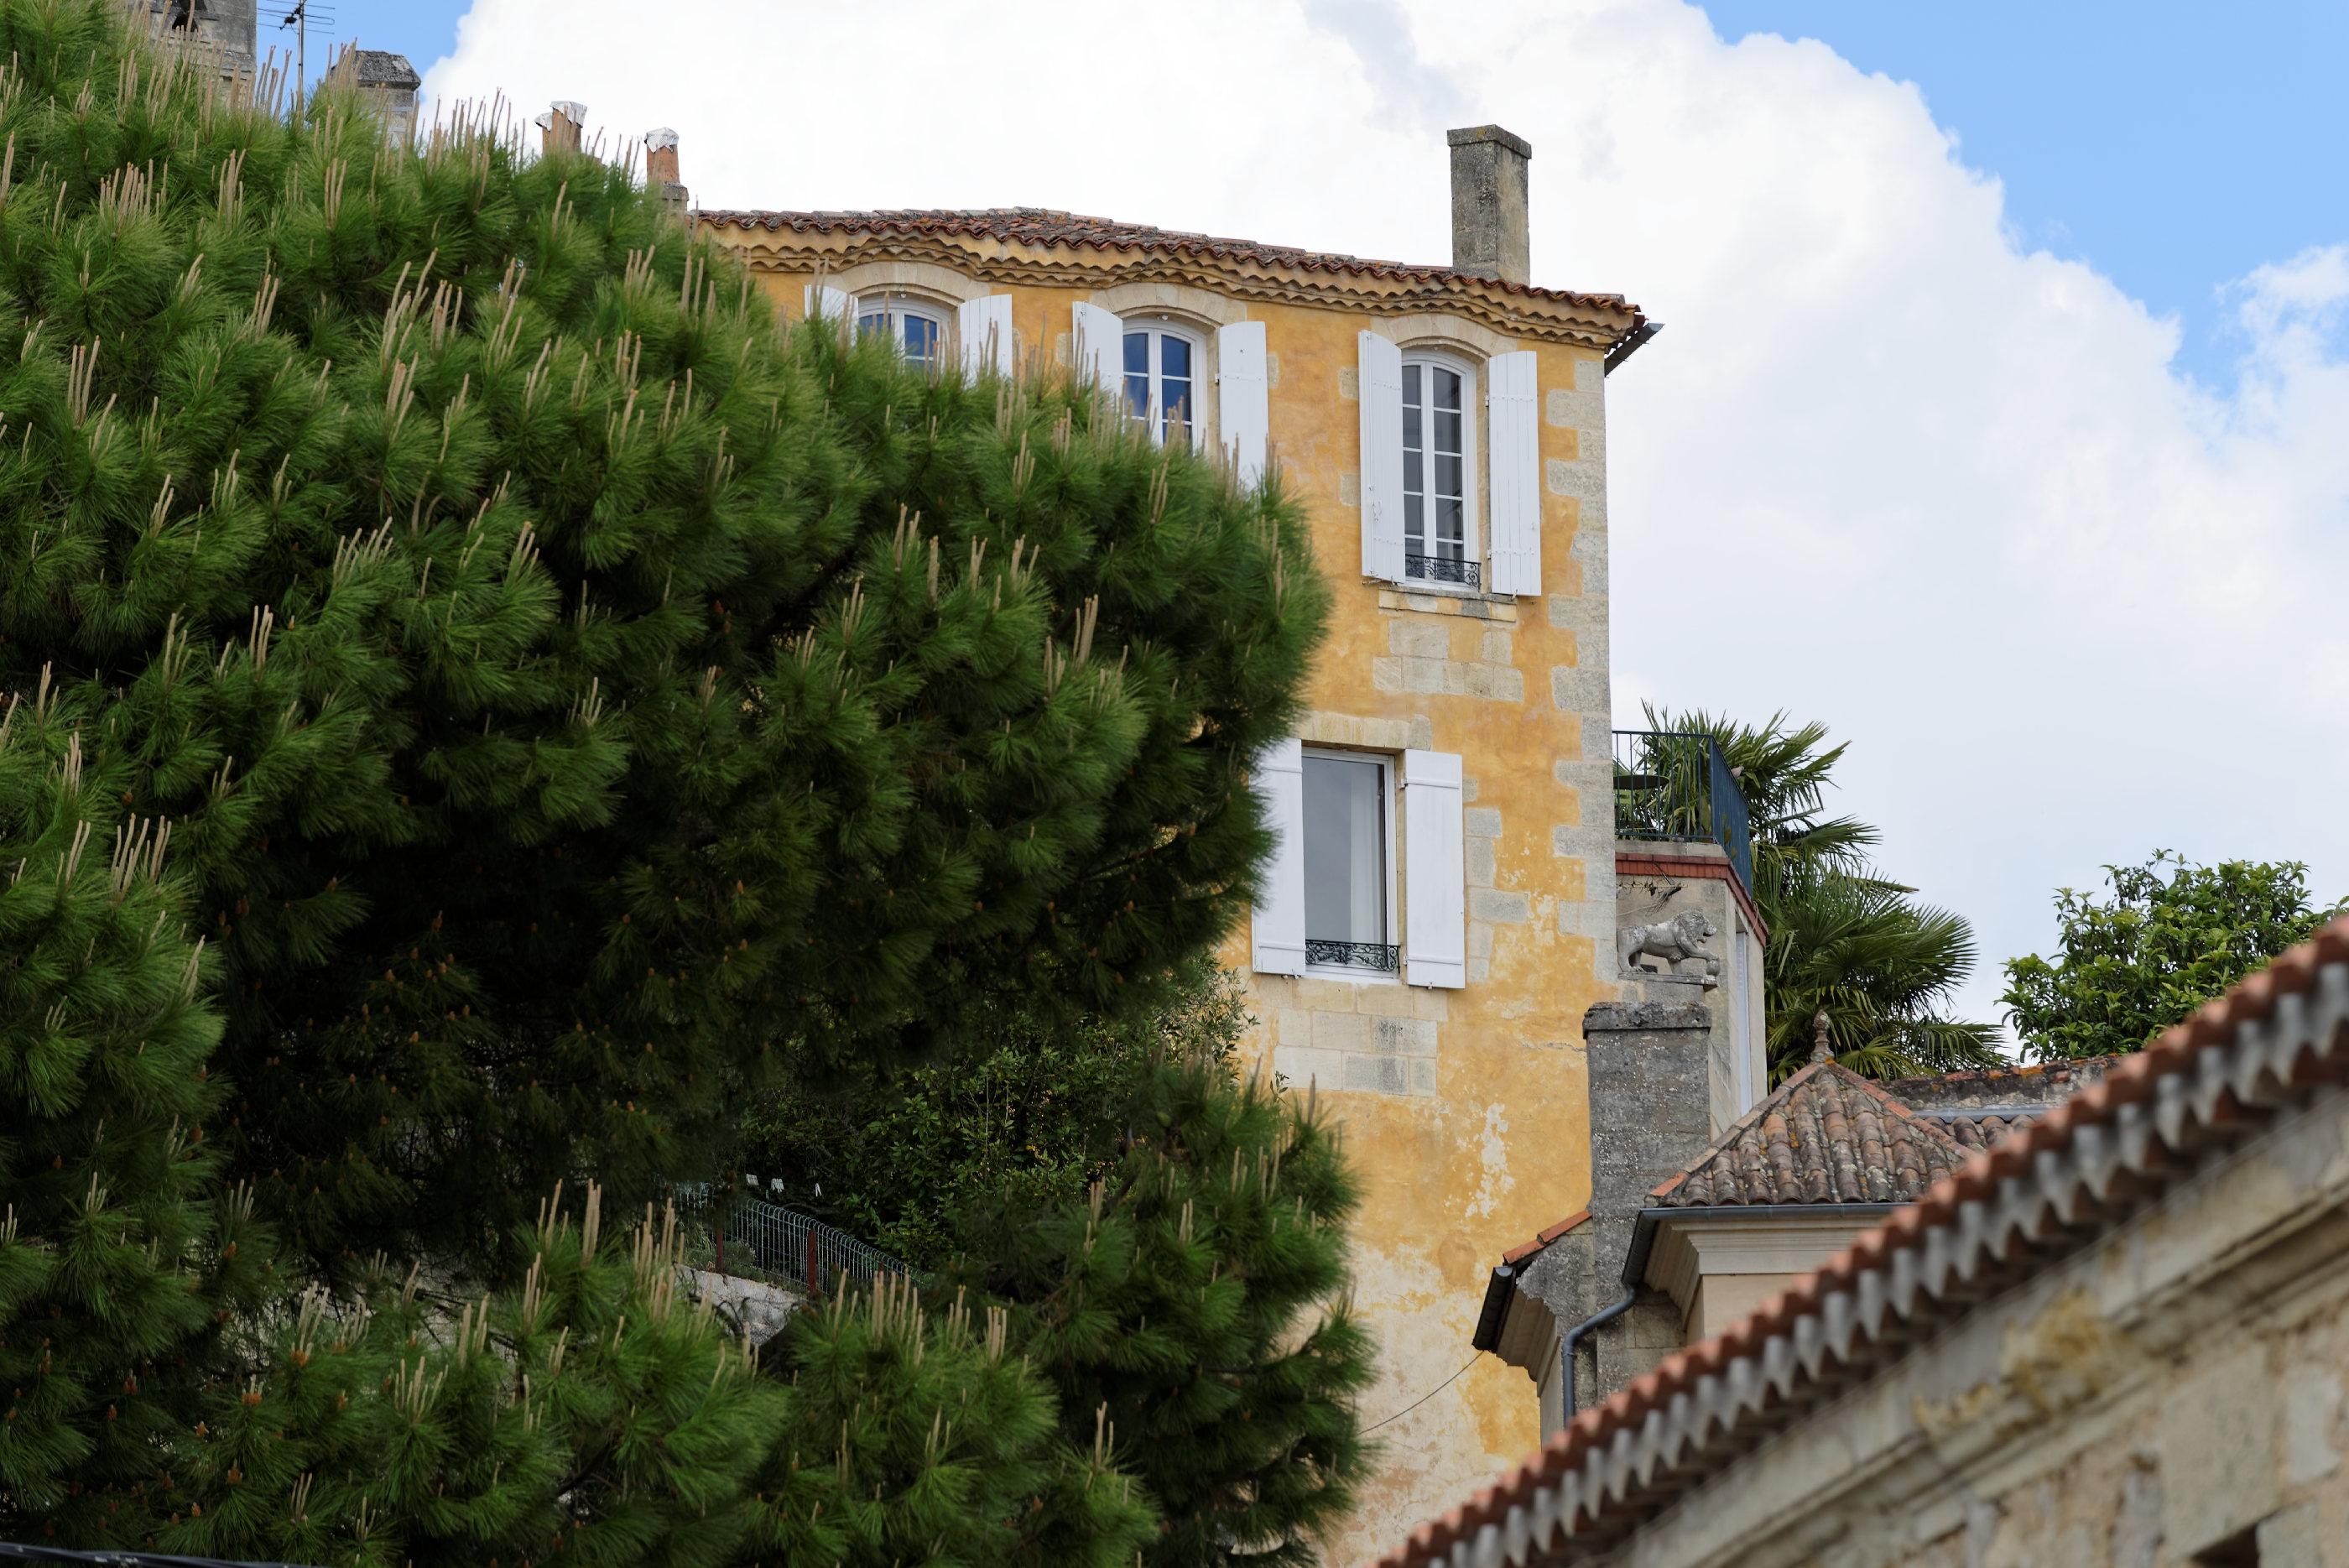 170506-Bourg sur Gironde (Gironde) (13)